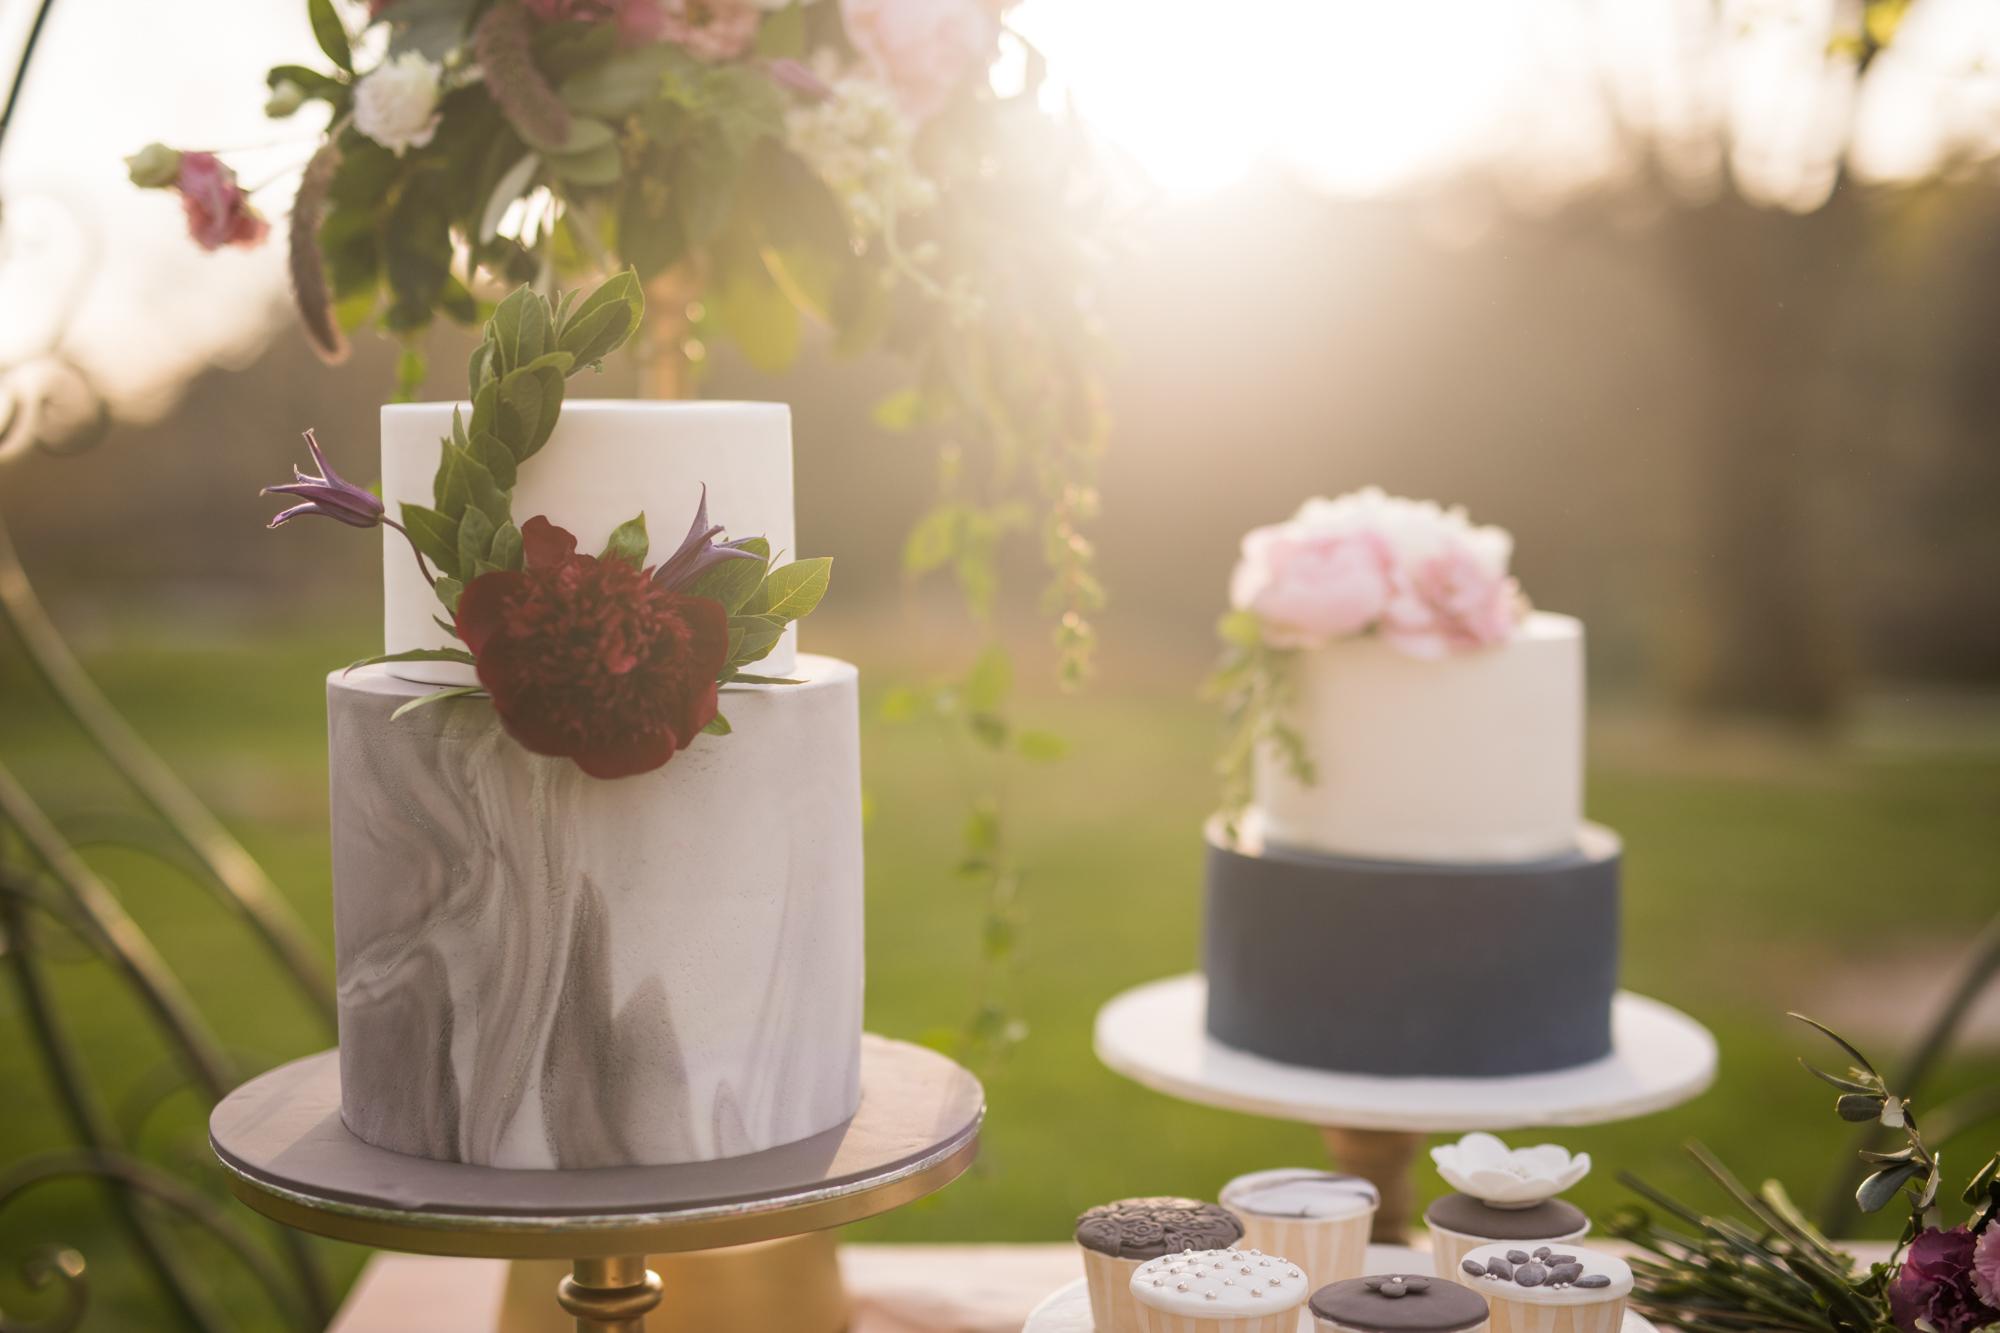 bröllop+tårta+florist+bakverk